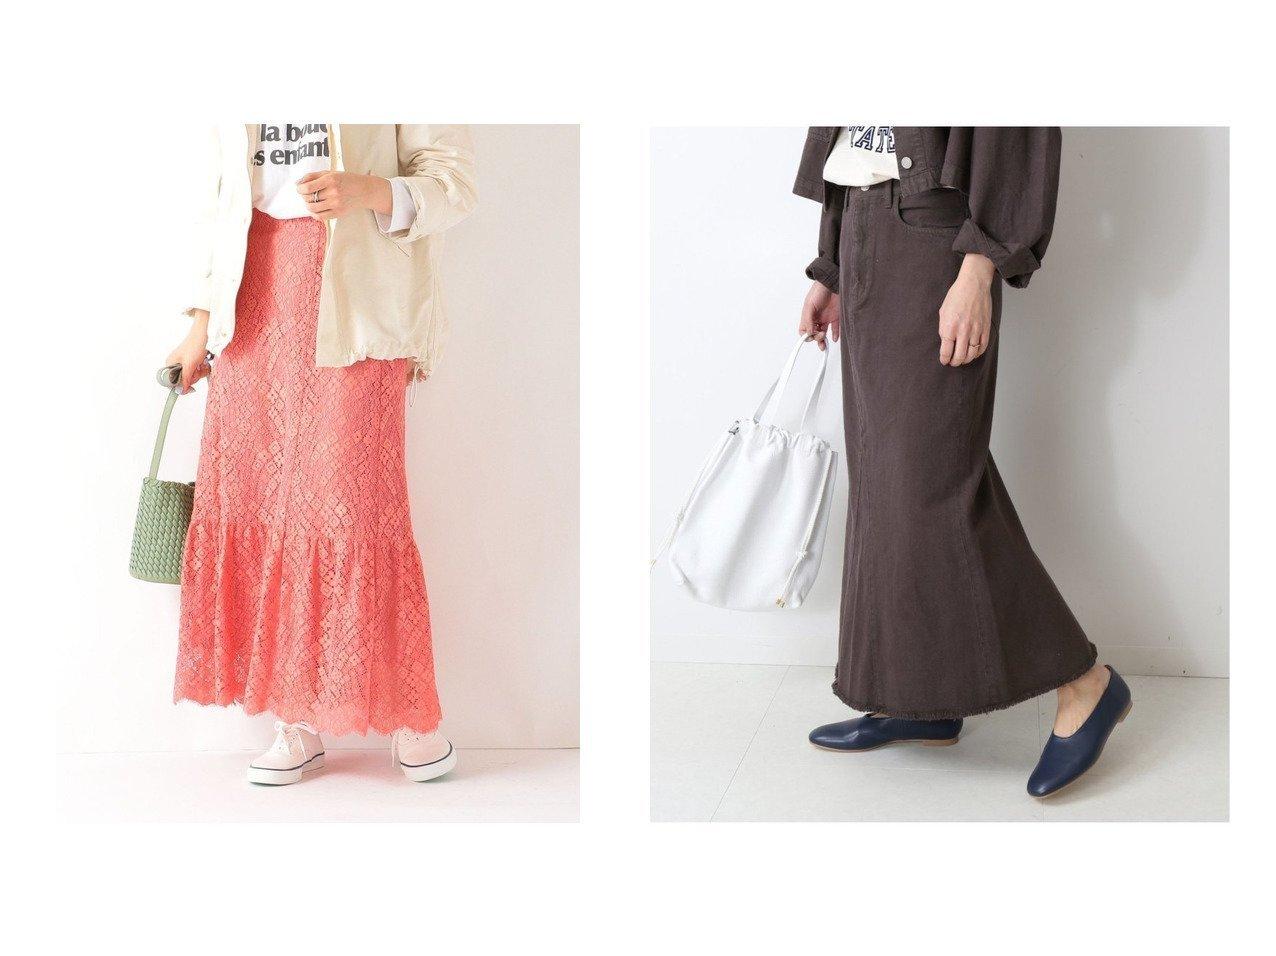 【SHIPS any/シップス エニィ】のSHIPS any フレア レース スカート&【JOURNAL STANDARD relume/ジャーナルスタンダード レリューム】のモノトーンデニムリメイク風マキシスカート スカートのおすすめ!人気、トレンド・レディースファッションの通販 おすすめで人気の流行・トレンド、ファッションの通販商品 メンズファッション・キッズファッション・インテリア・家具・レディースファッション・服の通販 founy(ファニー) https://founy.com/ ファッション Fashion レディースファッション WOMEN スカート Skirt ロングスカート Long Skirt NEW・新作・新着・新入荷 New Arrivals 2021年 2021 2021 春夏 S/S SS Spring/Summer 2021 S/S 春夏 SS Spring/Summer セットアップ デニム ブルゾン マキシ モノトーン ロング 定番 Standard 春 Spring  ID:crp329100000012426